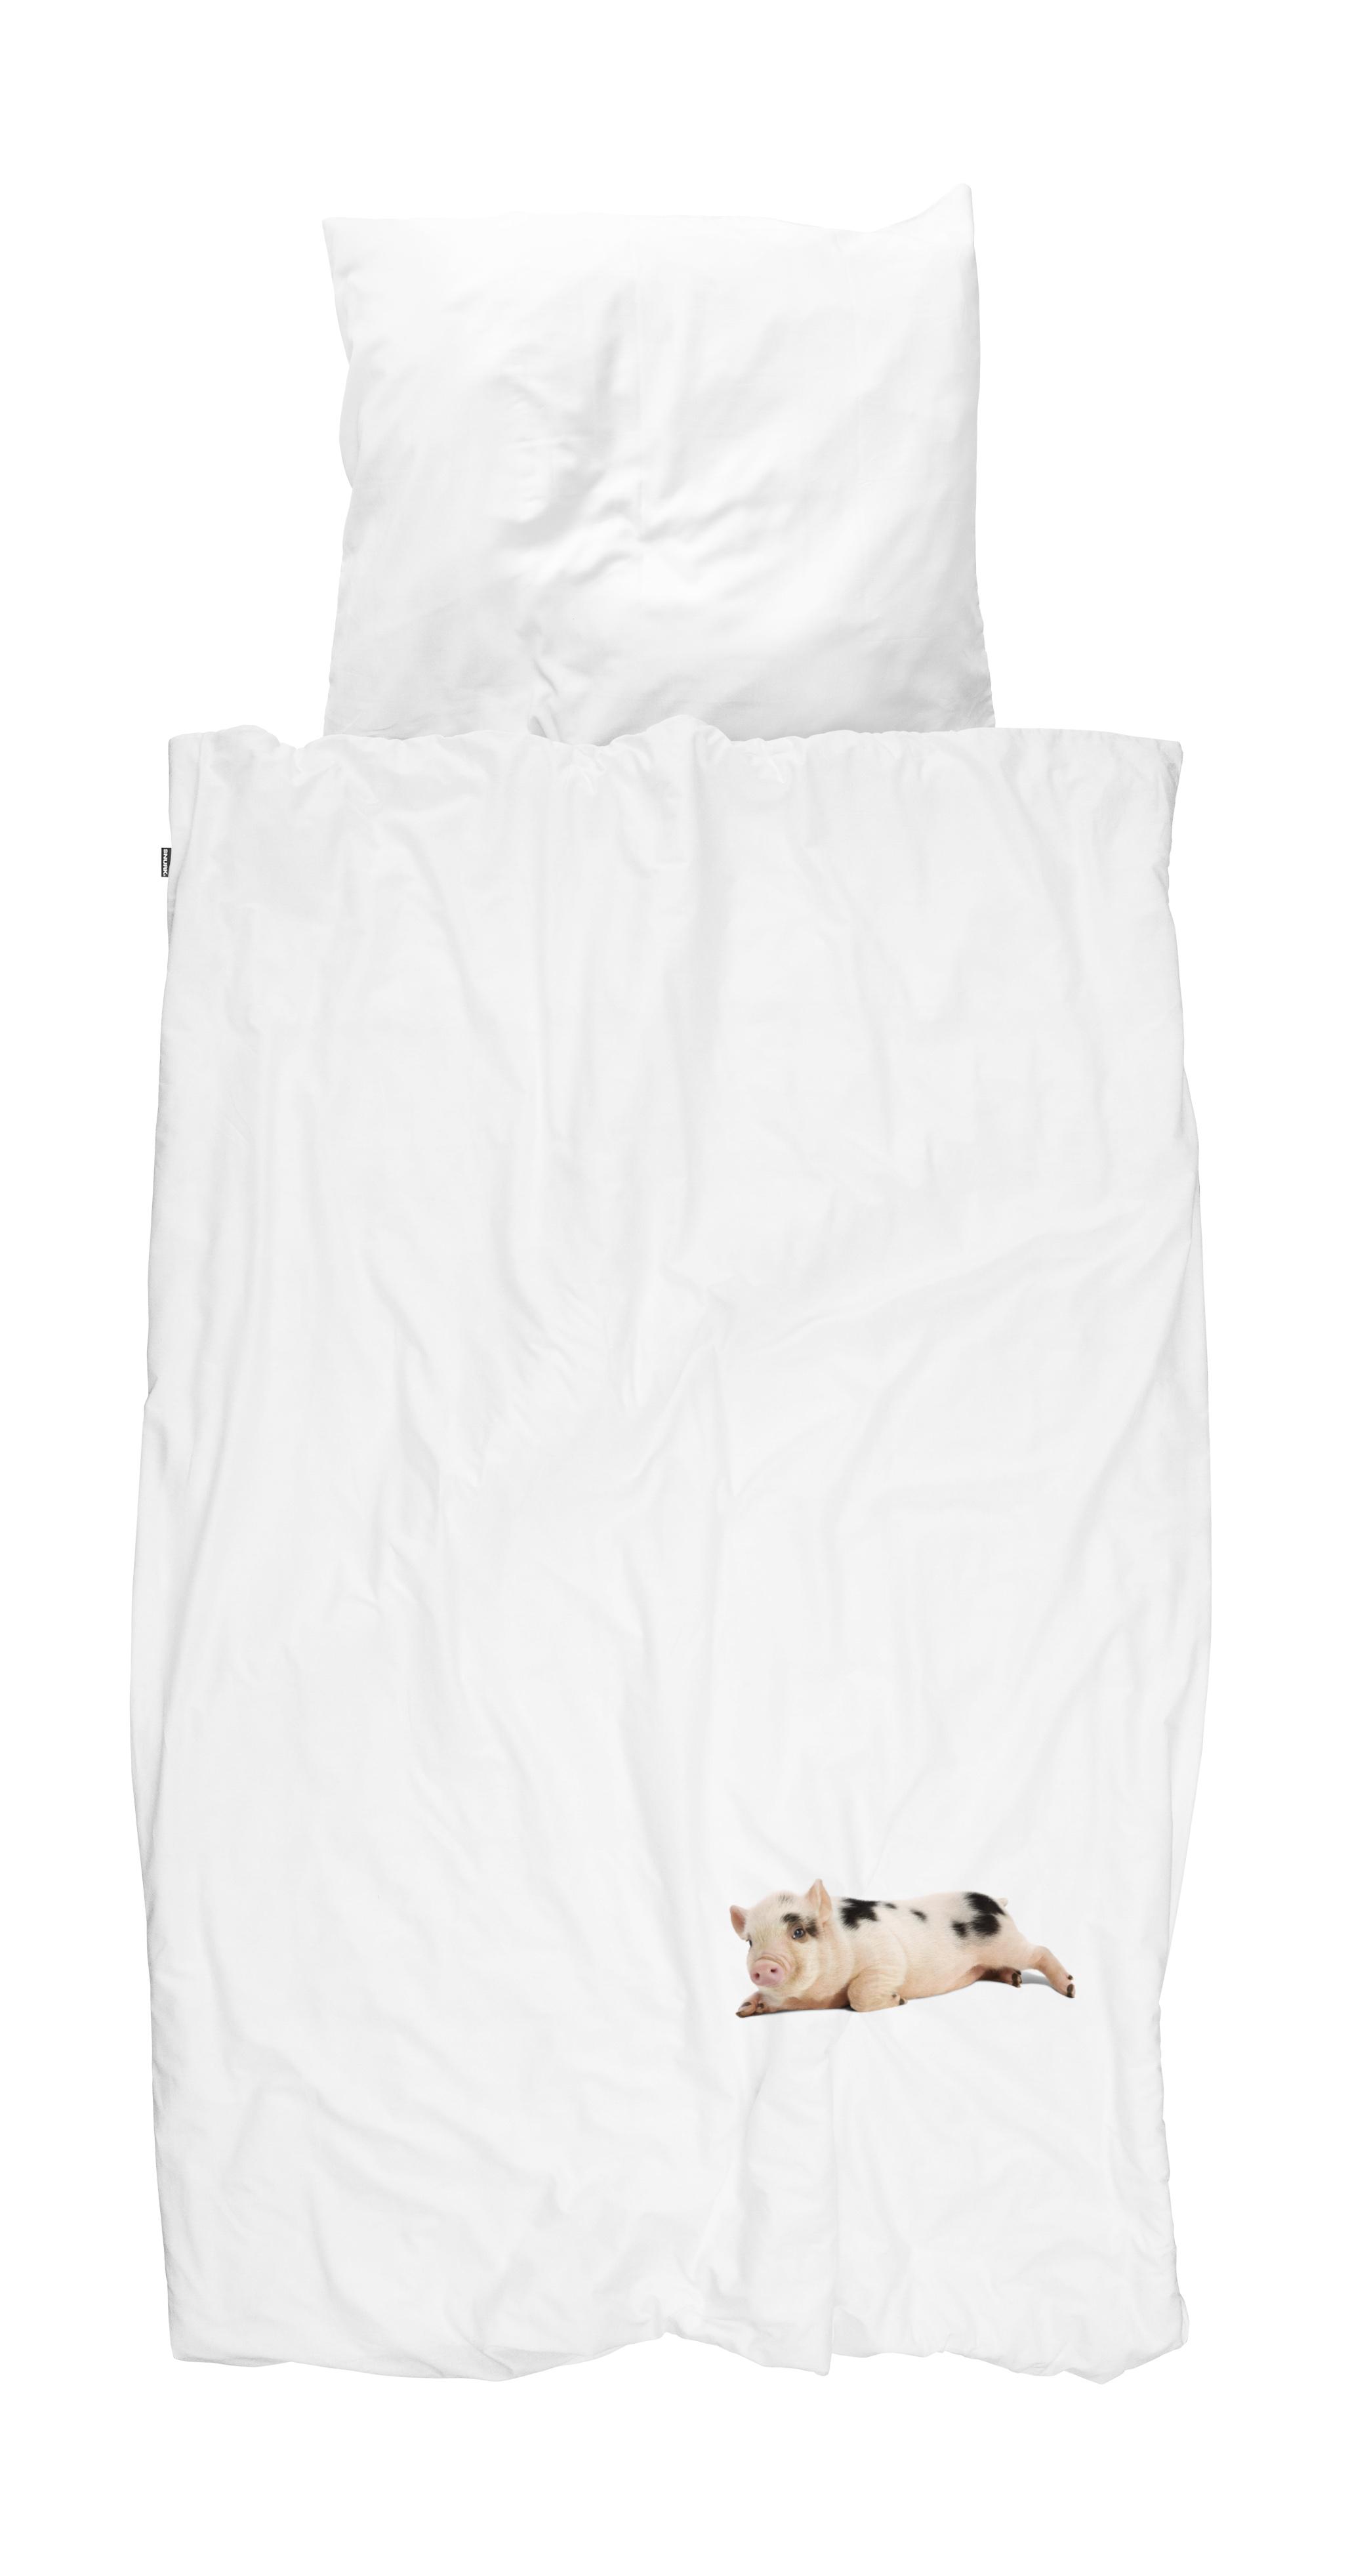 Купить Комплекты постельного белья Snurk, Детское Постельное белье Поросенок Цвет: Белый (150х200 см), Нидерланды, Перкаль